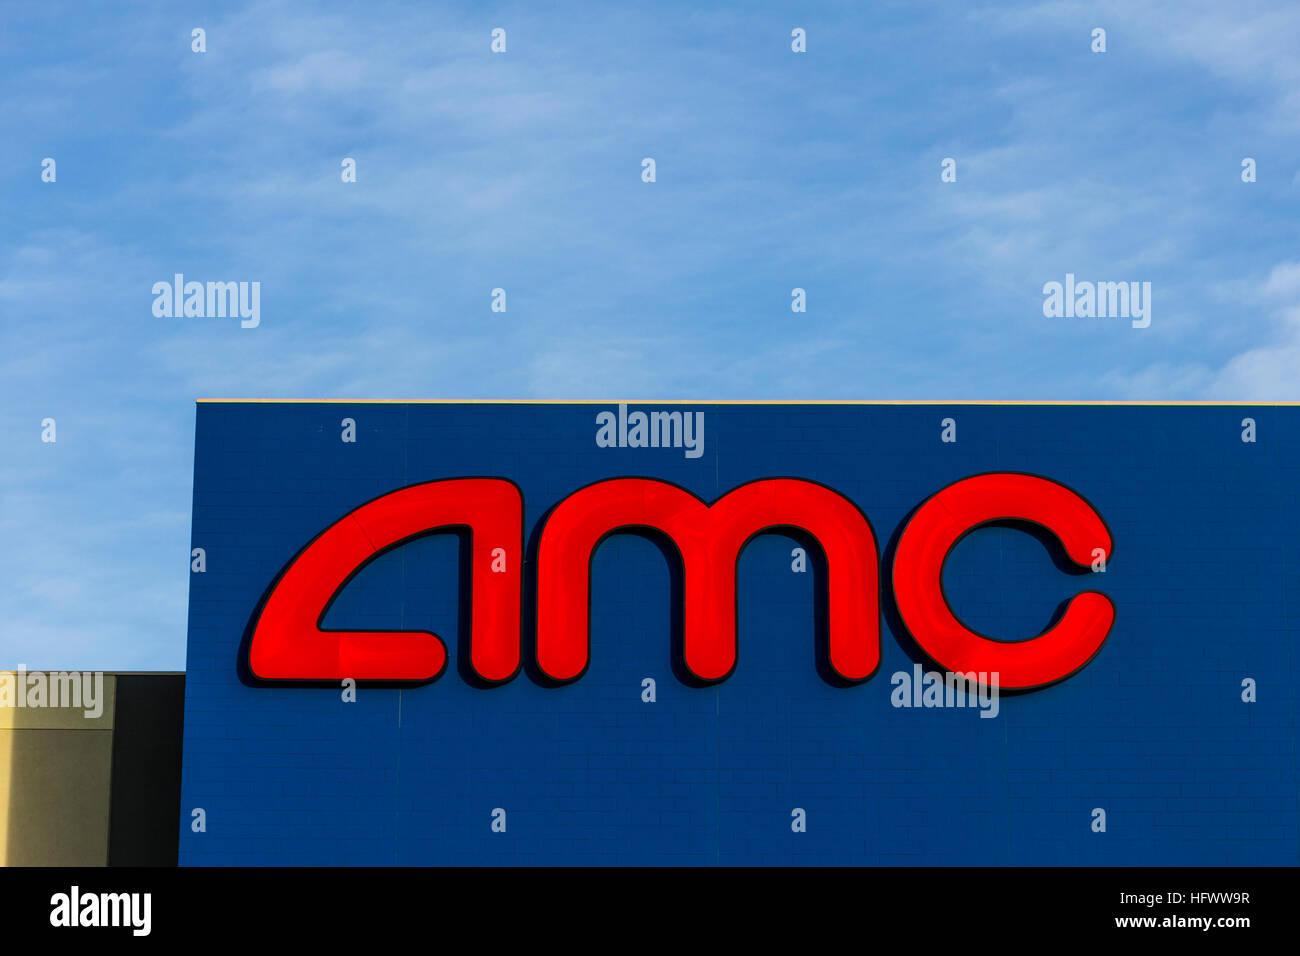 Las Vegas - Circa December 2016: AMC Movie Theater Location. AMC Theaters is an American Movie Theater Chain VI - Stock Image